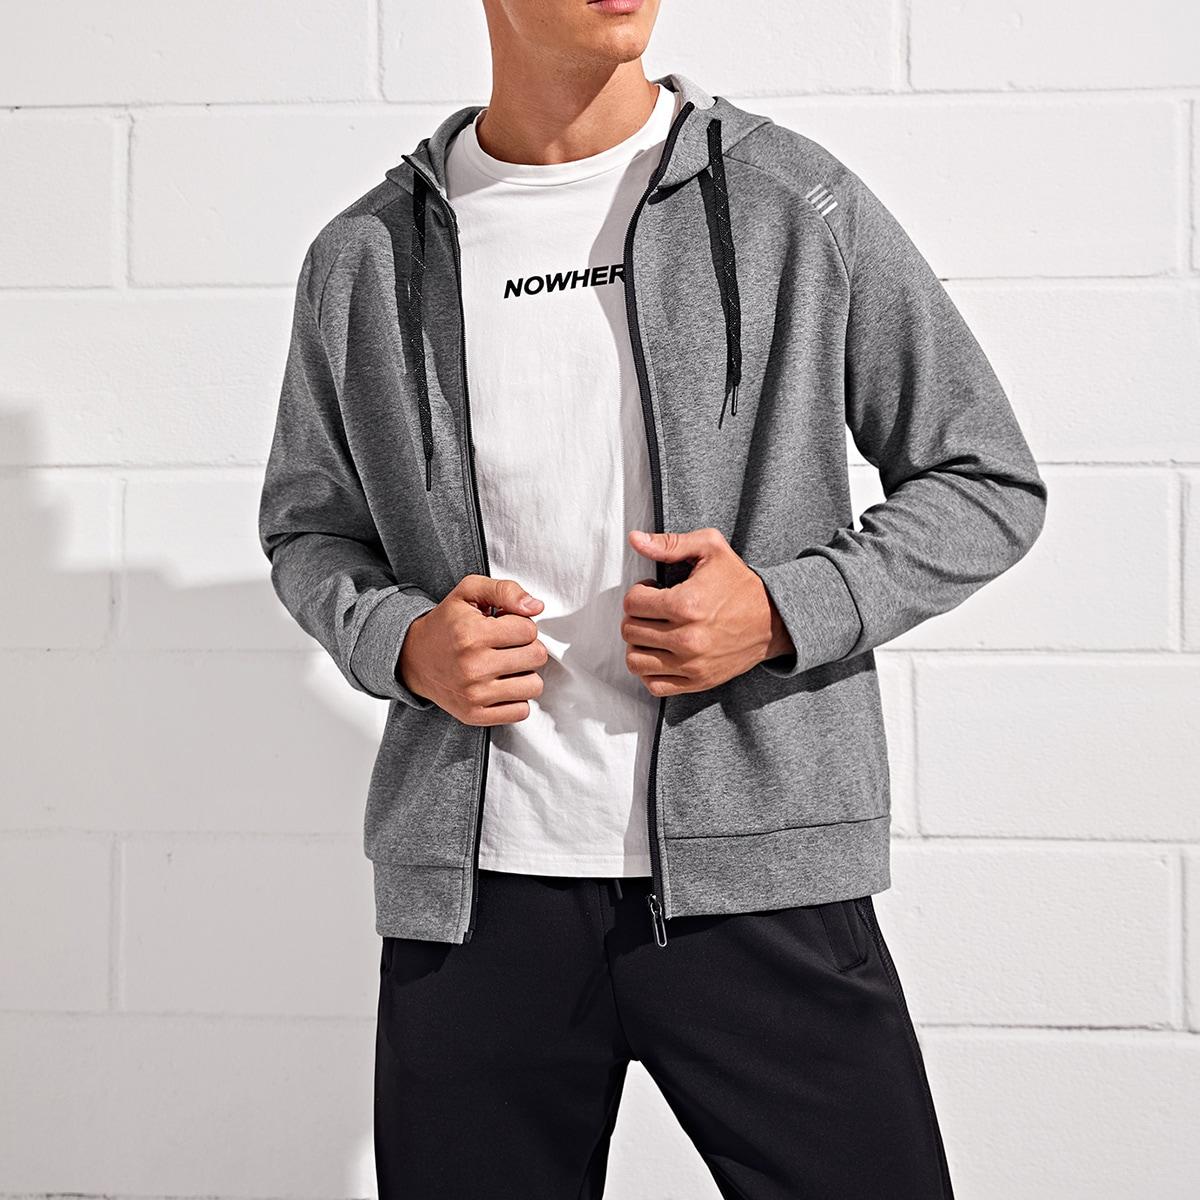 Мужская спортивная куртка с капюшоном на молнии